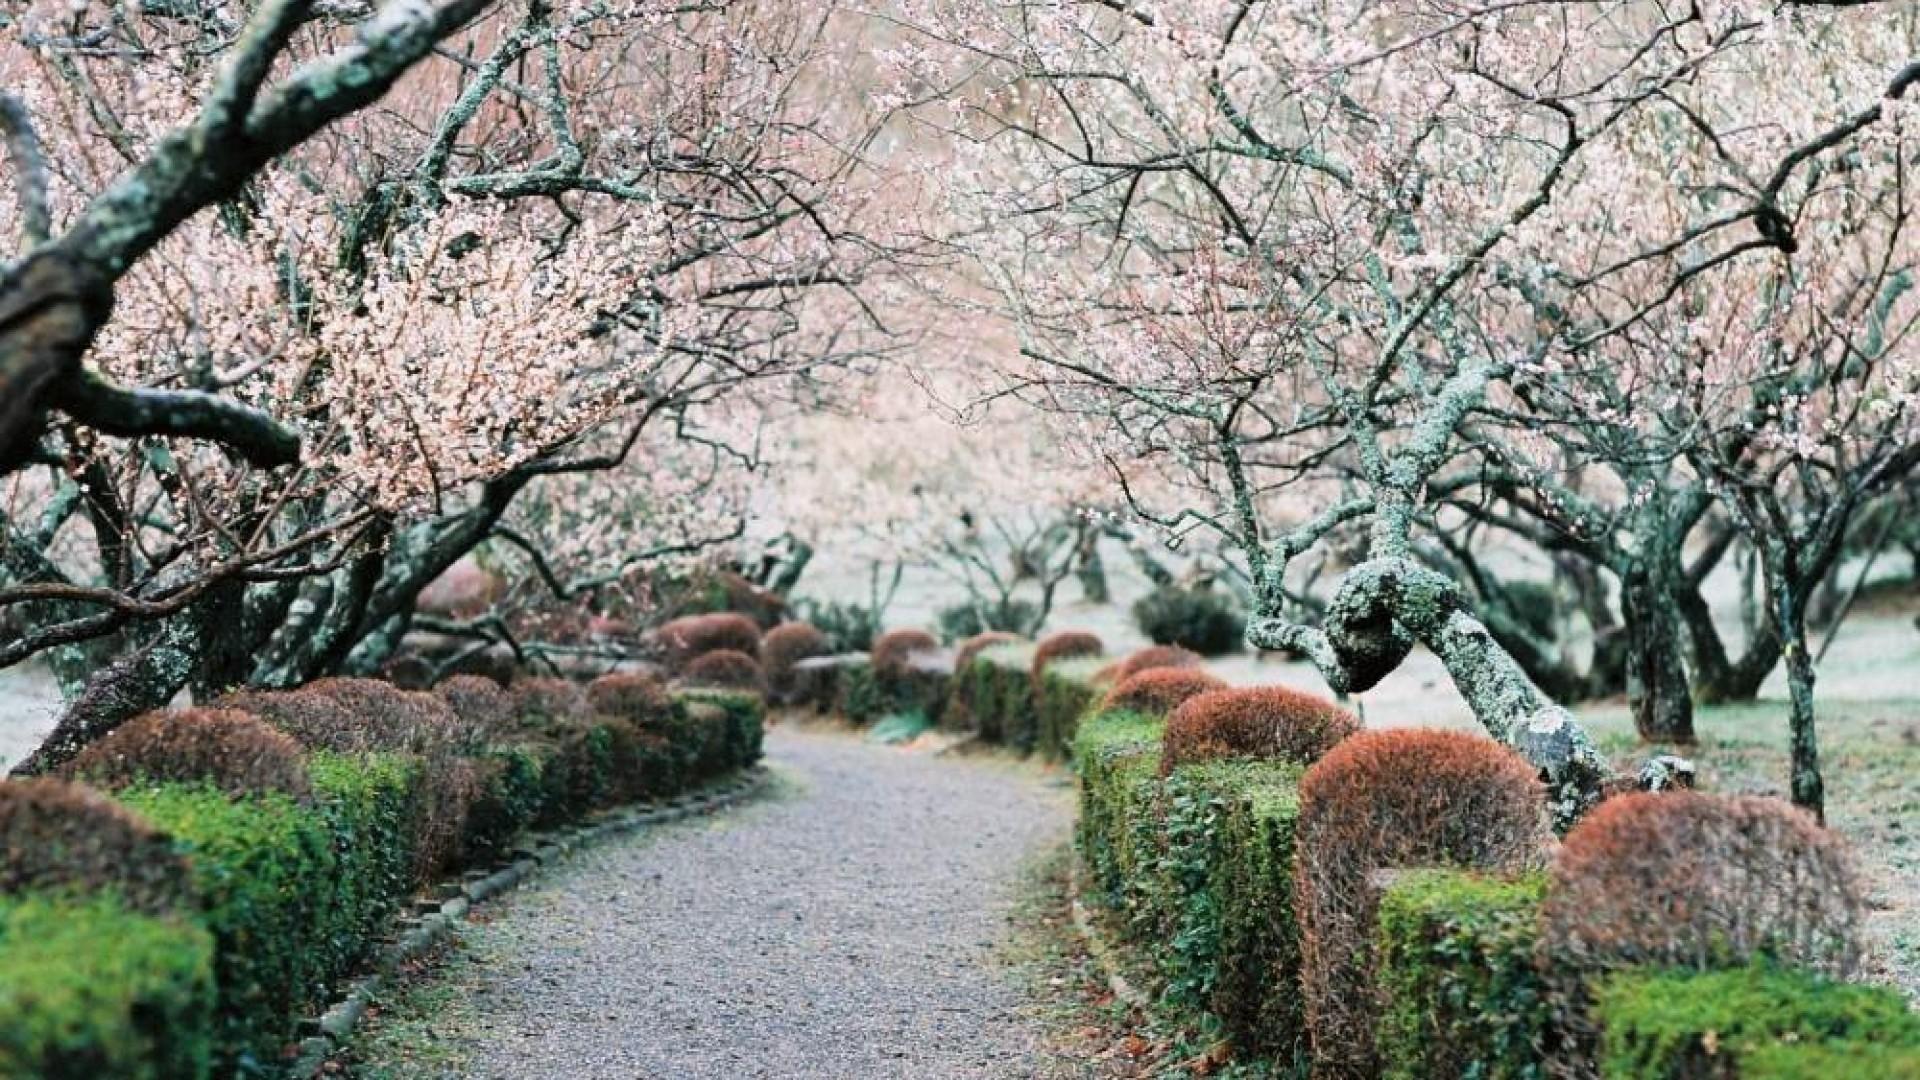 สวนพฤกษศาสตร์ซูจิมูระ